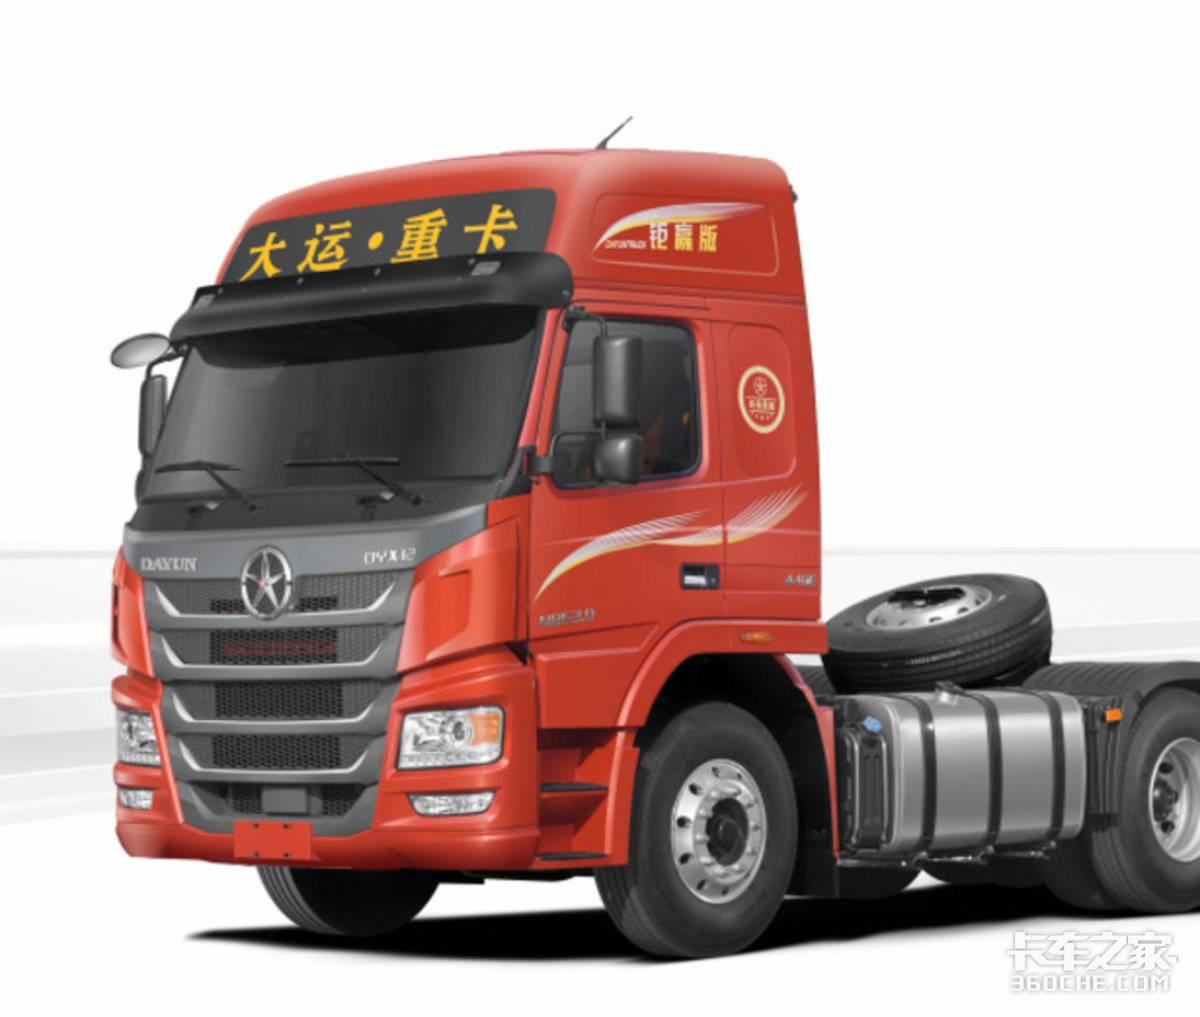 大涨2倍东风夺冠三一领涨上半年国六柴油重卡市场有哪些特点?